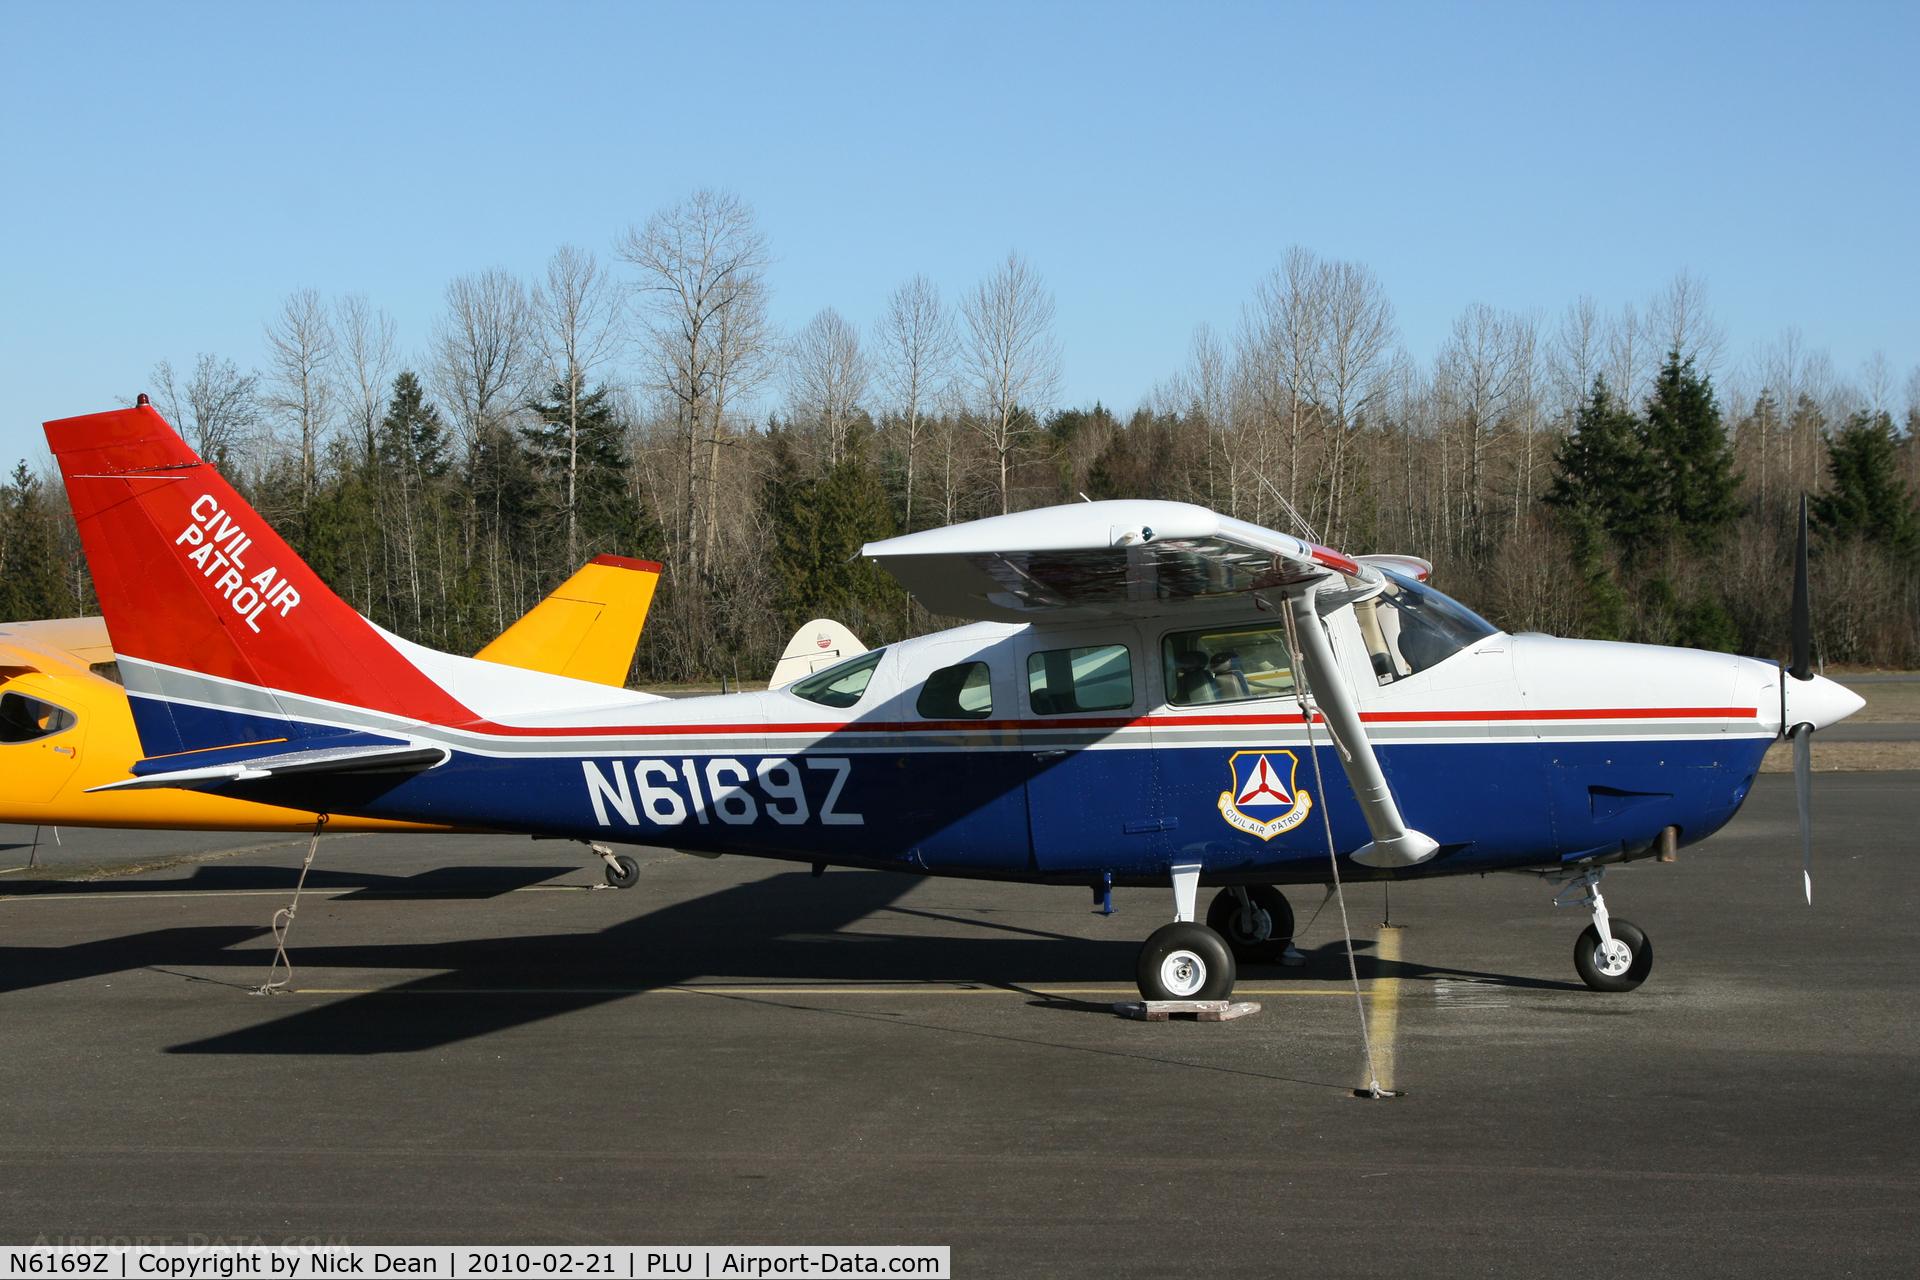 N6169Z, 1981 Cessna TU206G C/N U20606172, 1S0